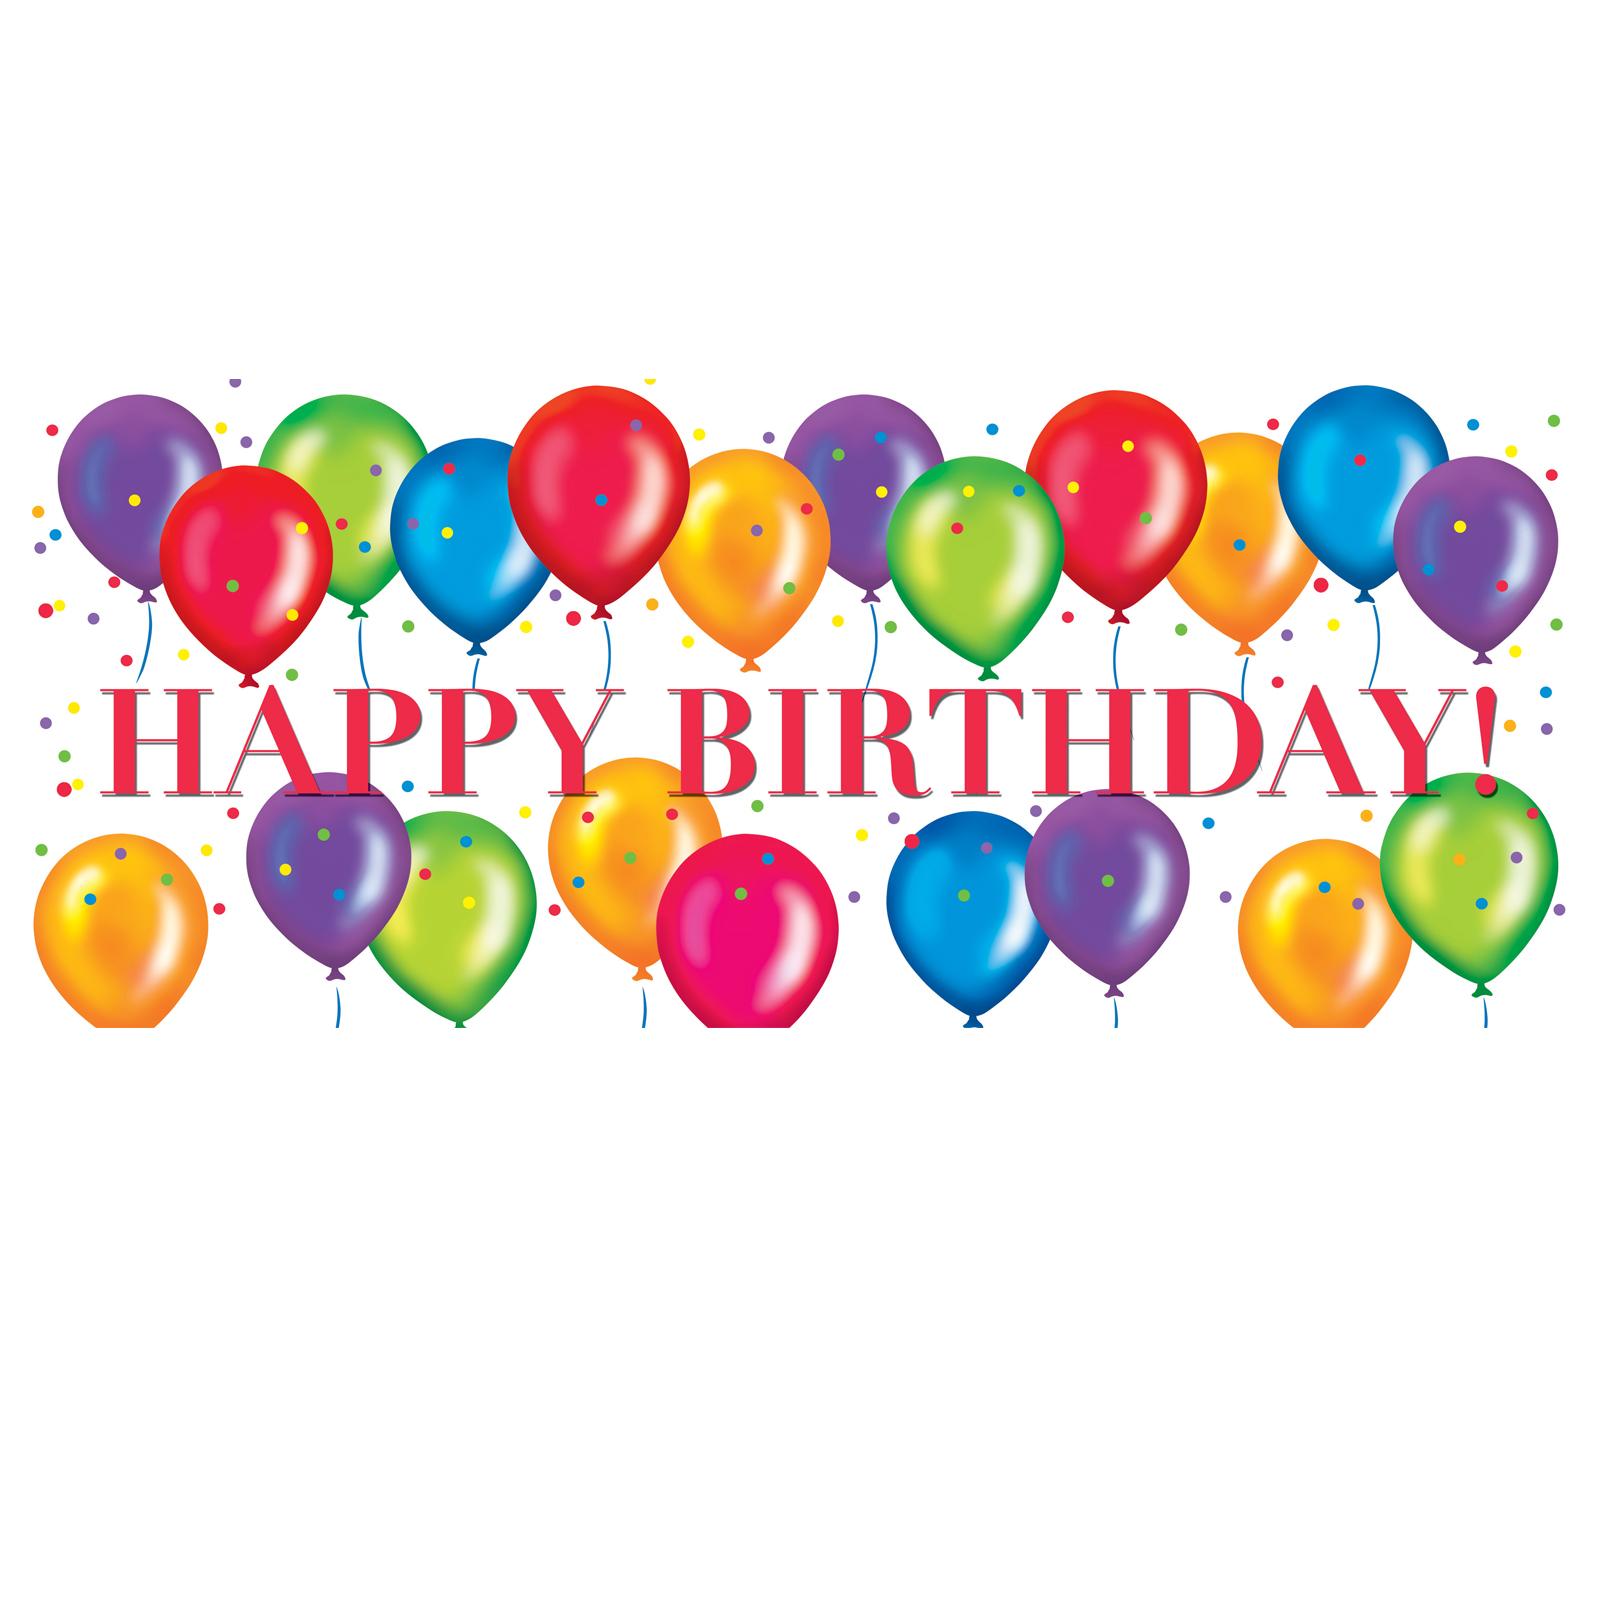 Happy birthday clipart free - ClipartFes-Happy birthday clipart free - ClipartFest-0